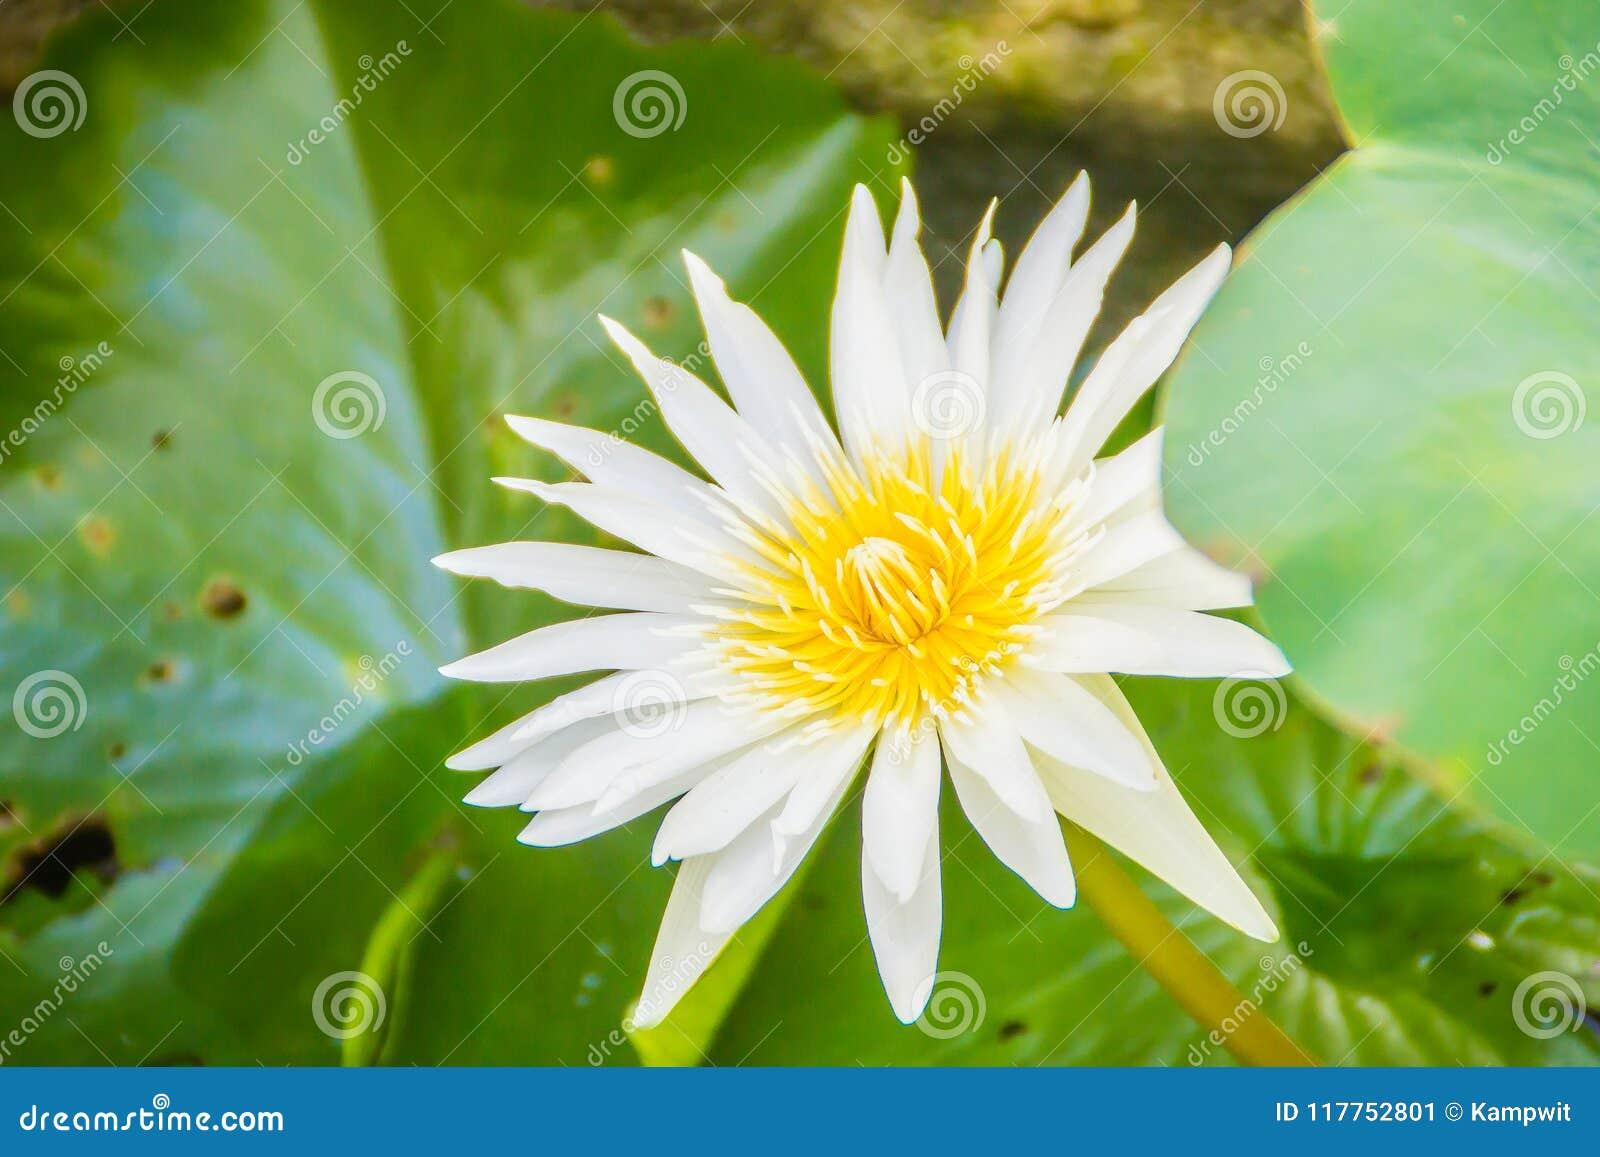 Beautiful Blooming Lotus Flower On Green Leaves Background Lotus